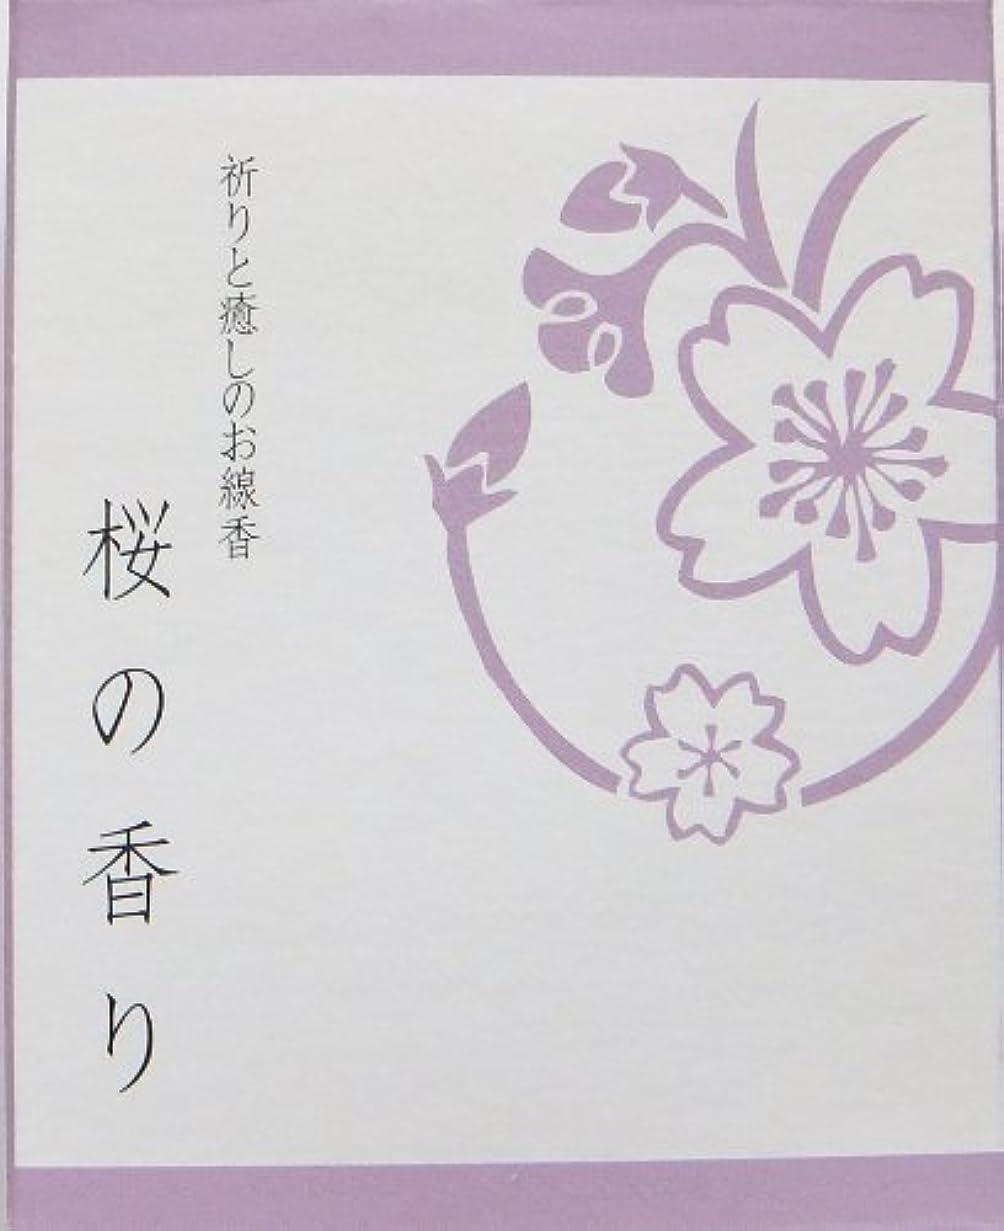 スカウトニックネーム遠え祈りと癒しのお線香ミニ 桜